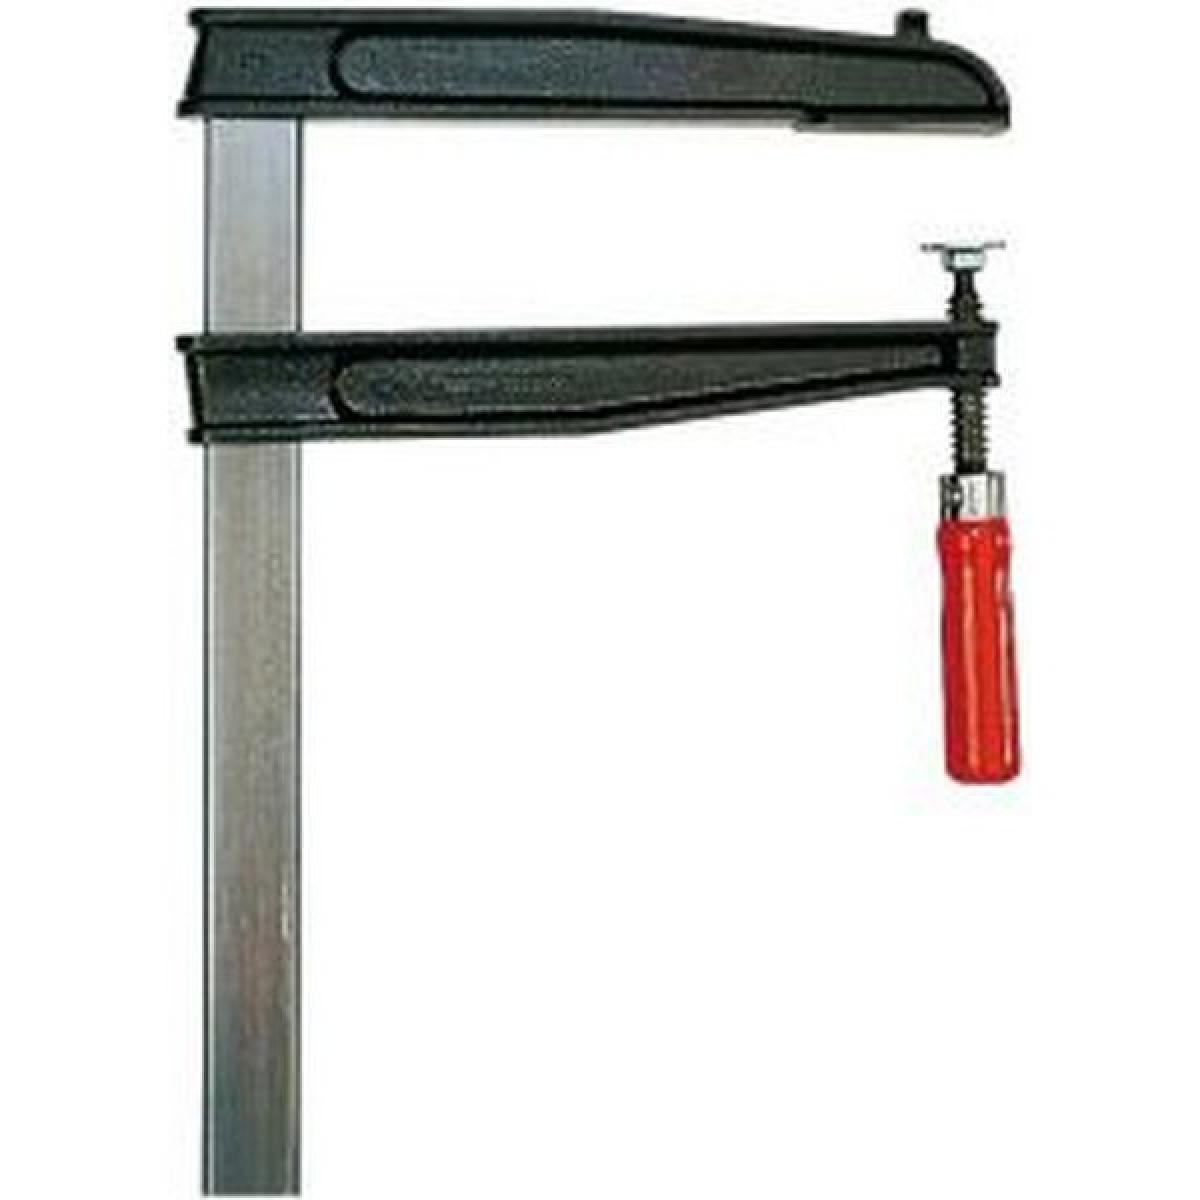 Bessey Serre-joint à grande portée TGNT, Capacité de serrage : 1000 mm, Portée 300 mm, Glissière 45 x 12 mm